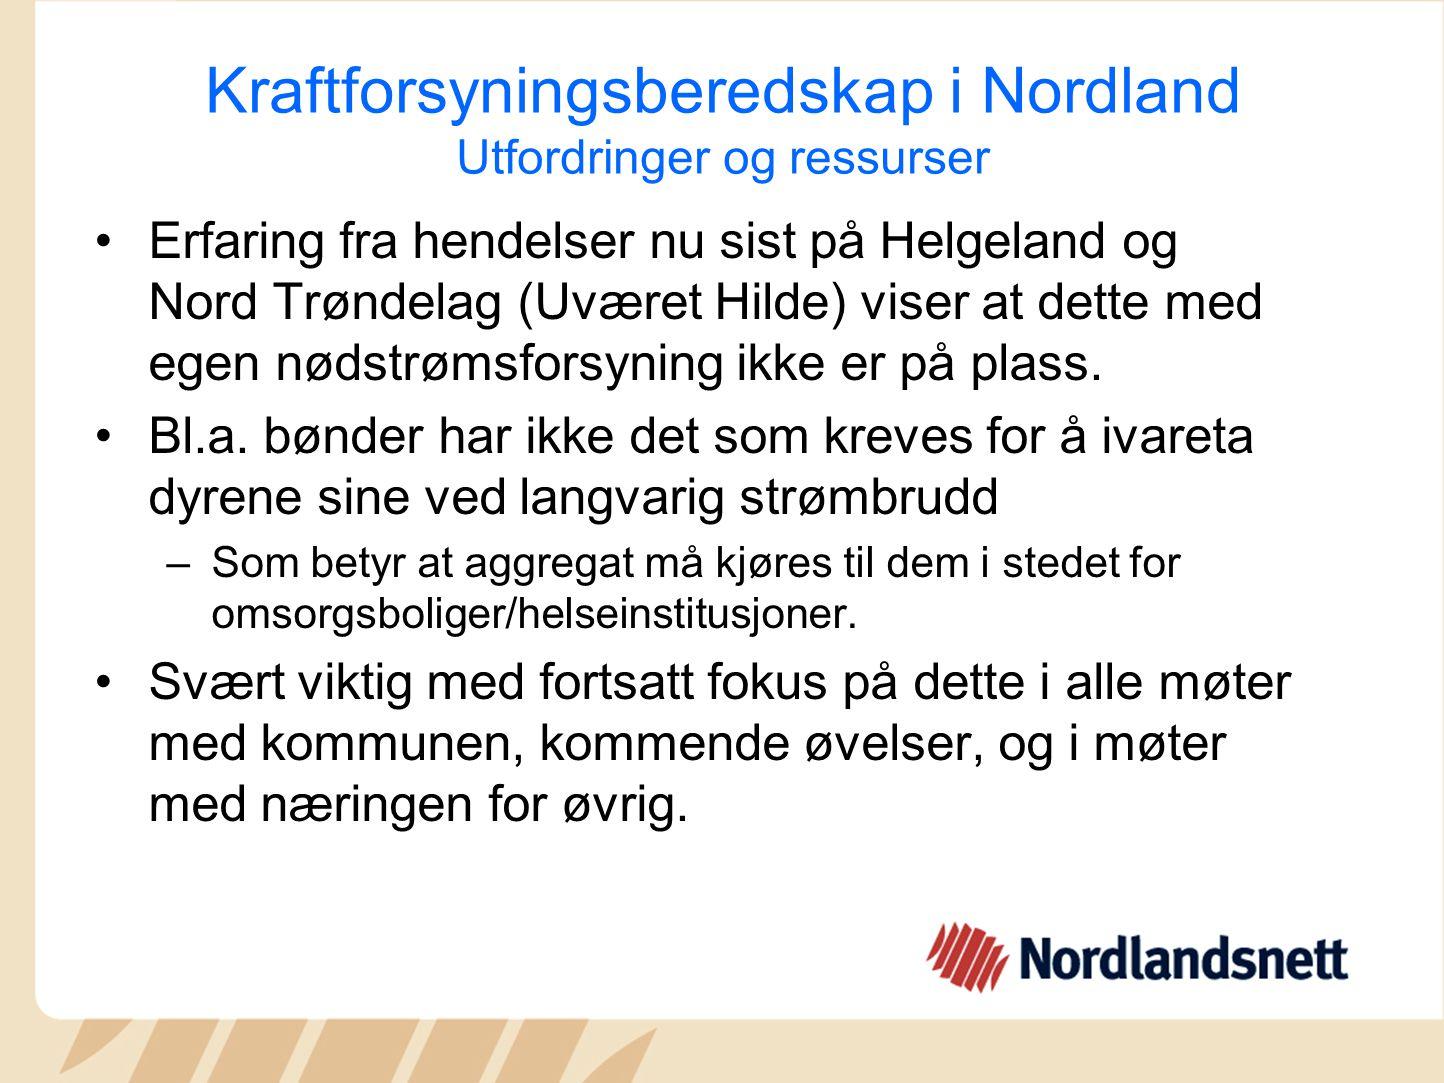 Kraftforsyningsberedskap i Nordland Utfordringer og ressurser Erfaring fra hendelser nu sist på Helgeland og Nord Trøndelag (Uværet Hilde) viser at dette med egen nødstrømsforsyning ikke er på plass.